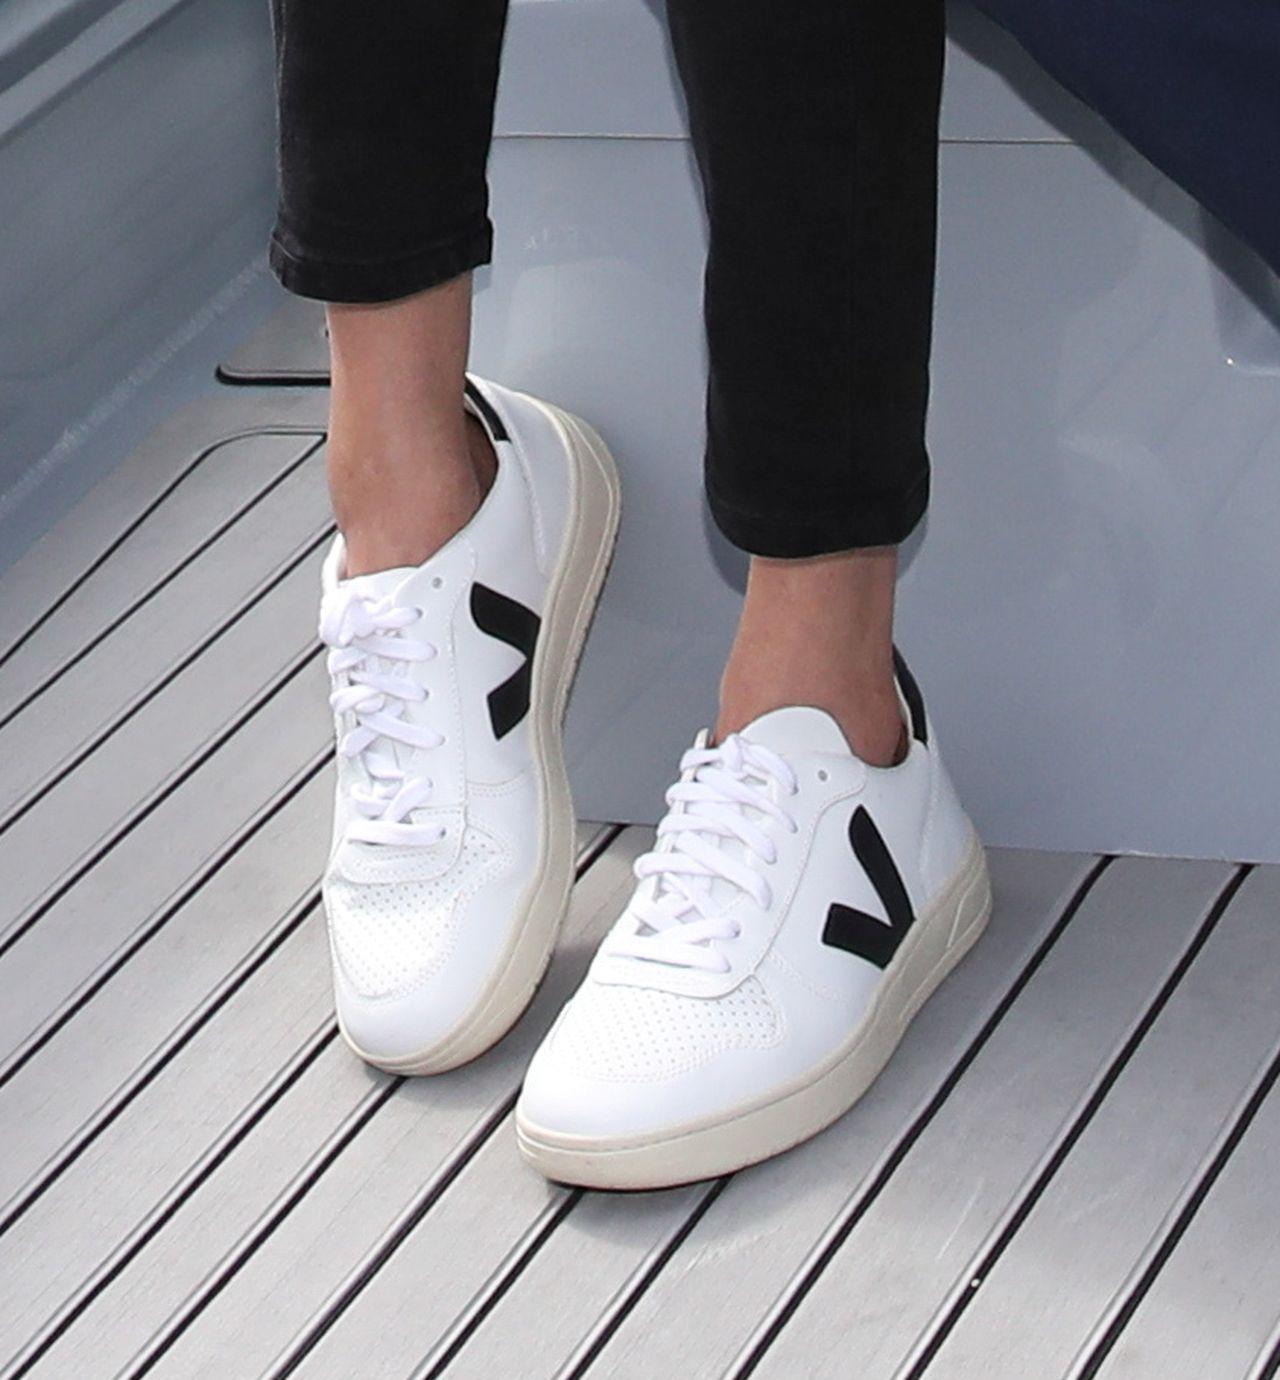 Internautki oszalały na punckie tych białych butów Meghan Markle (ZDJĘCIA)